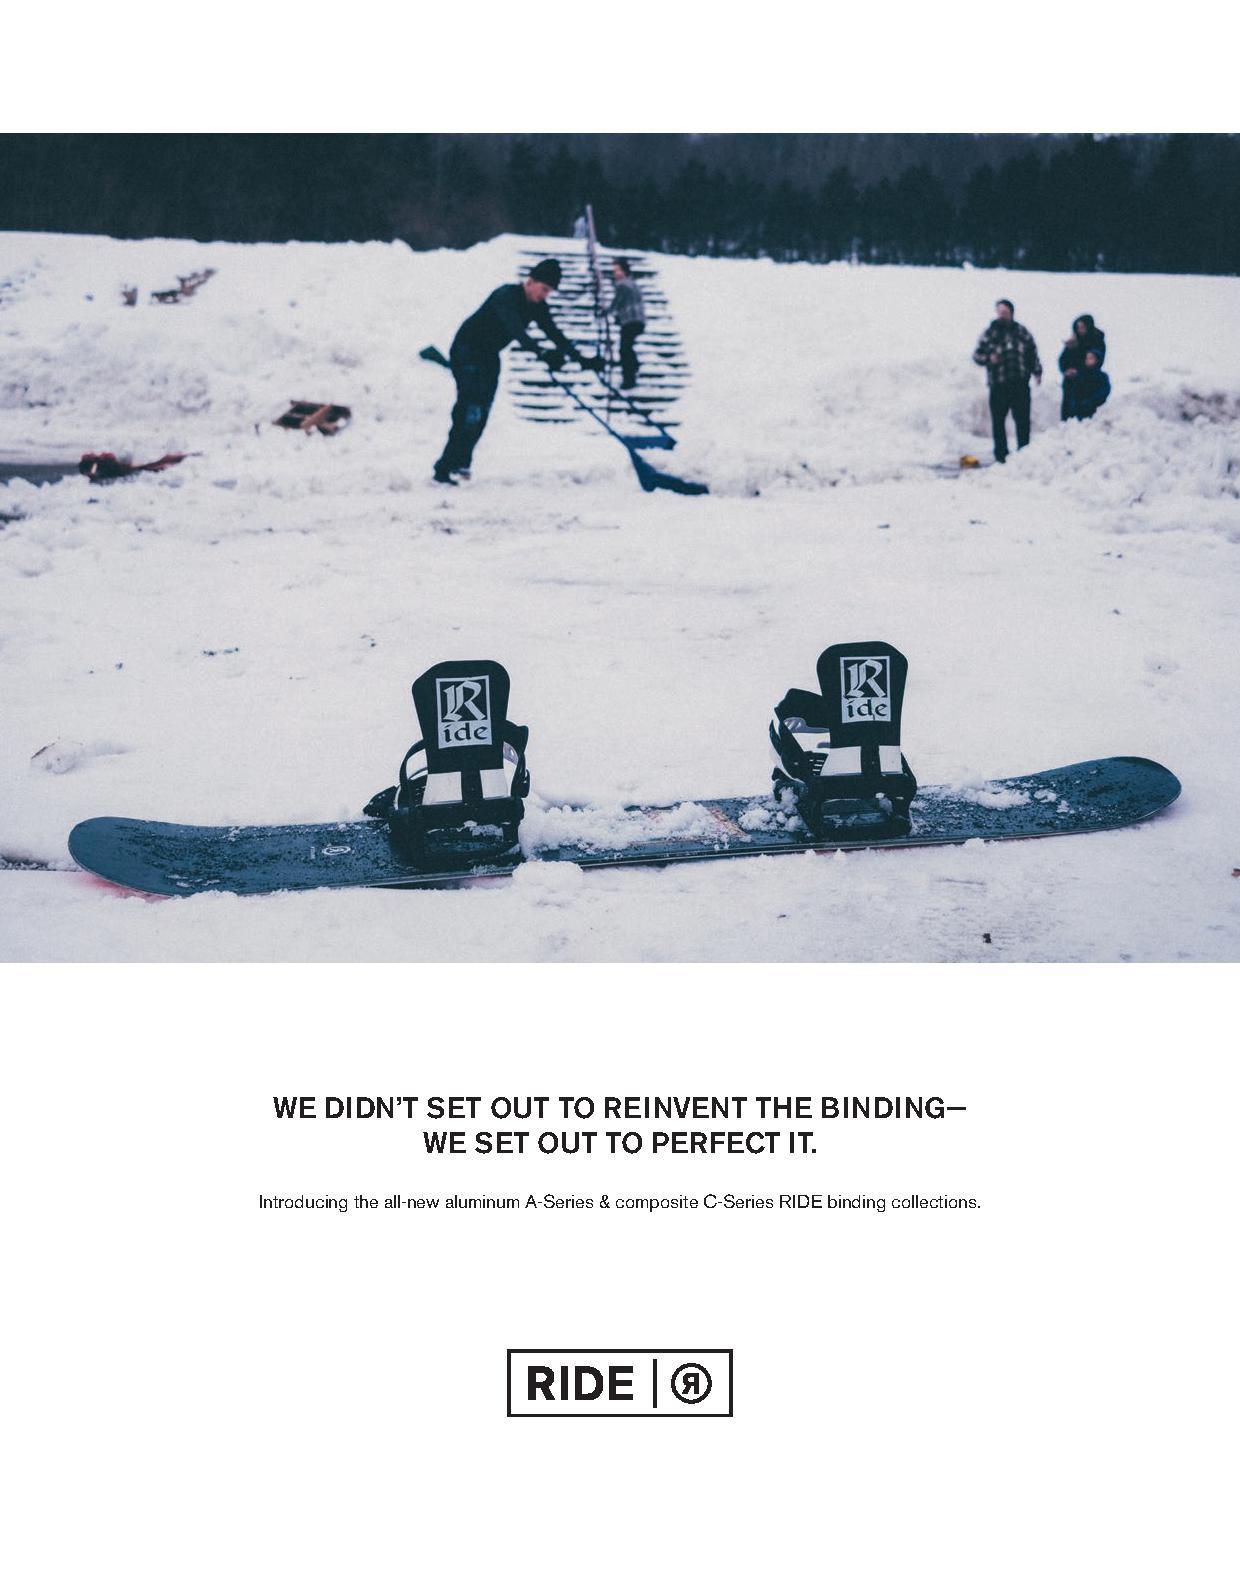 104 Ride snowboard boots ,snowboard bindings, splitboarding